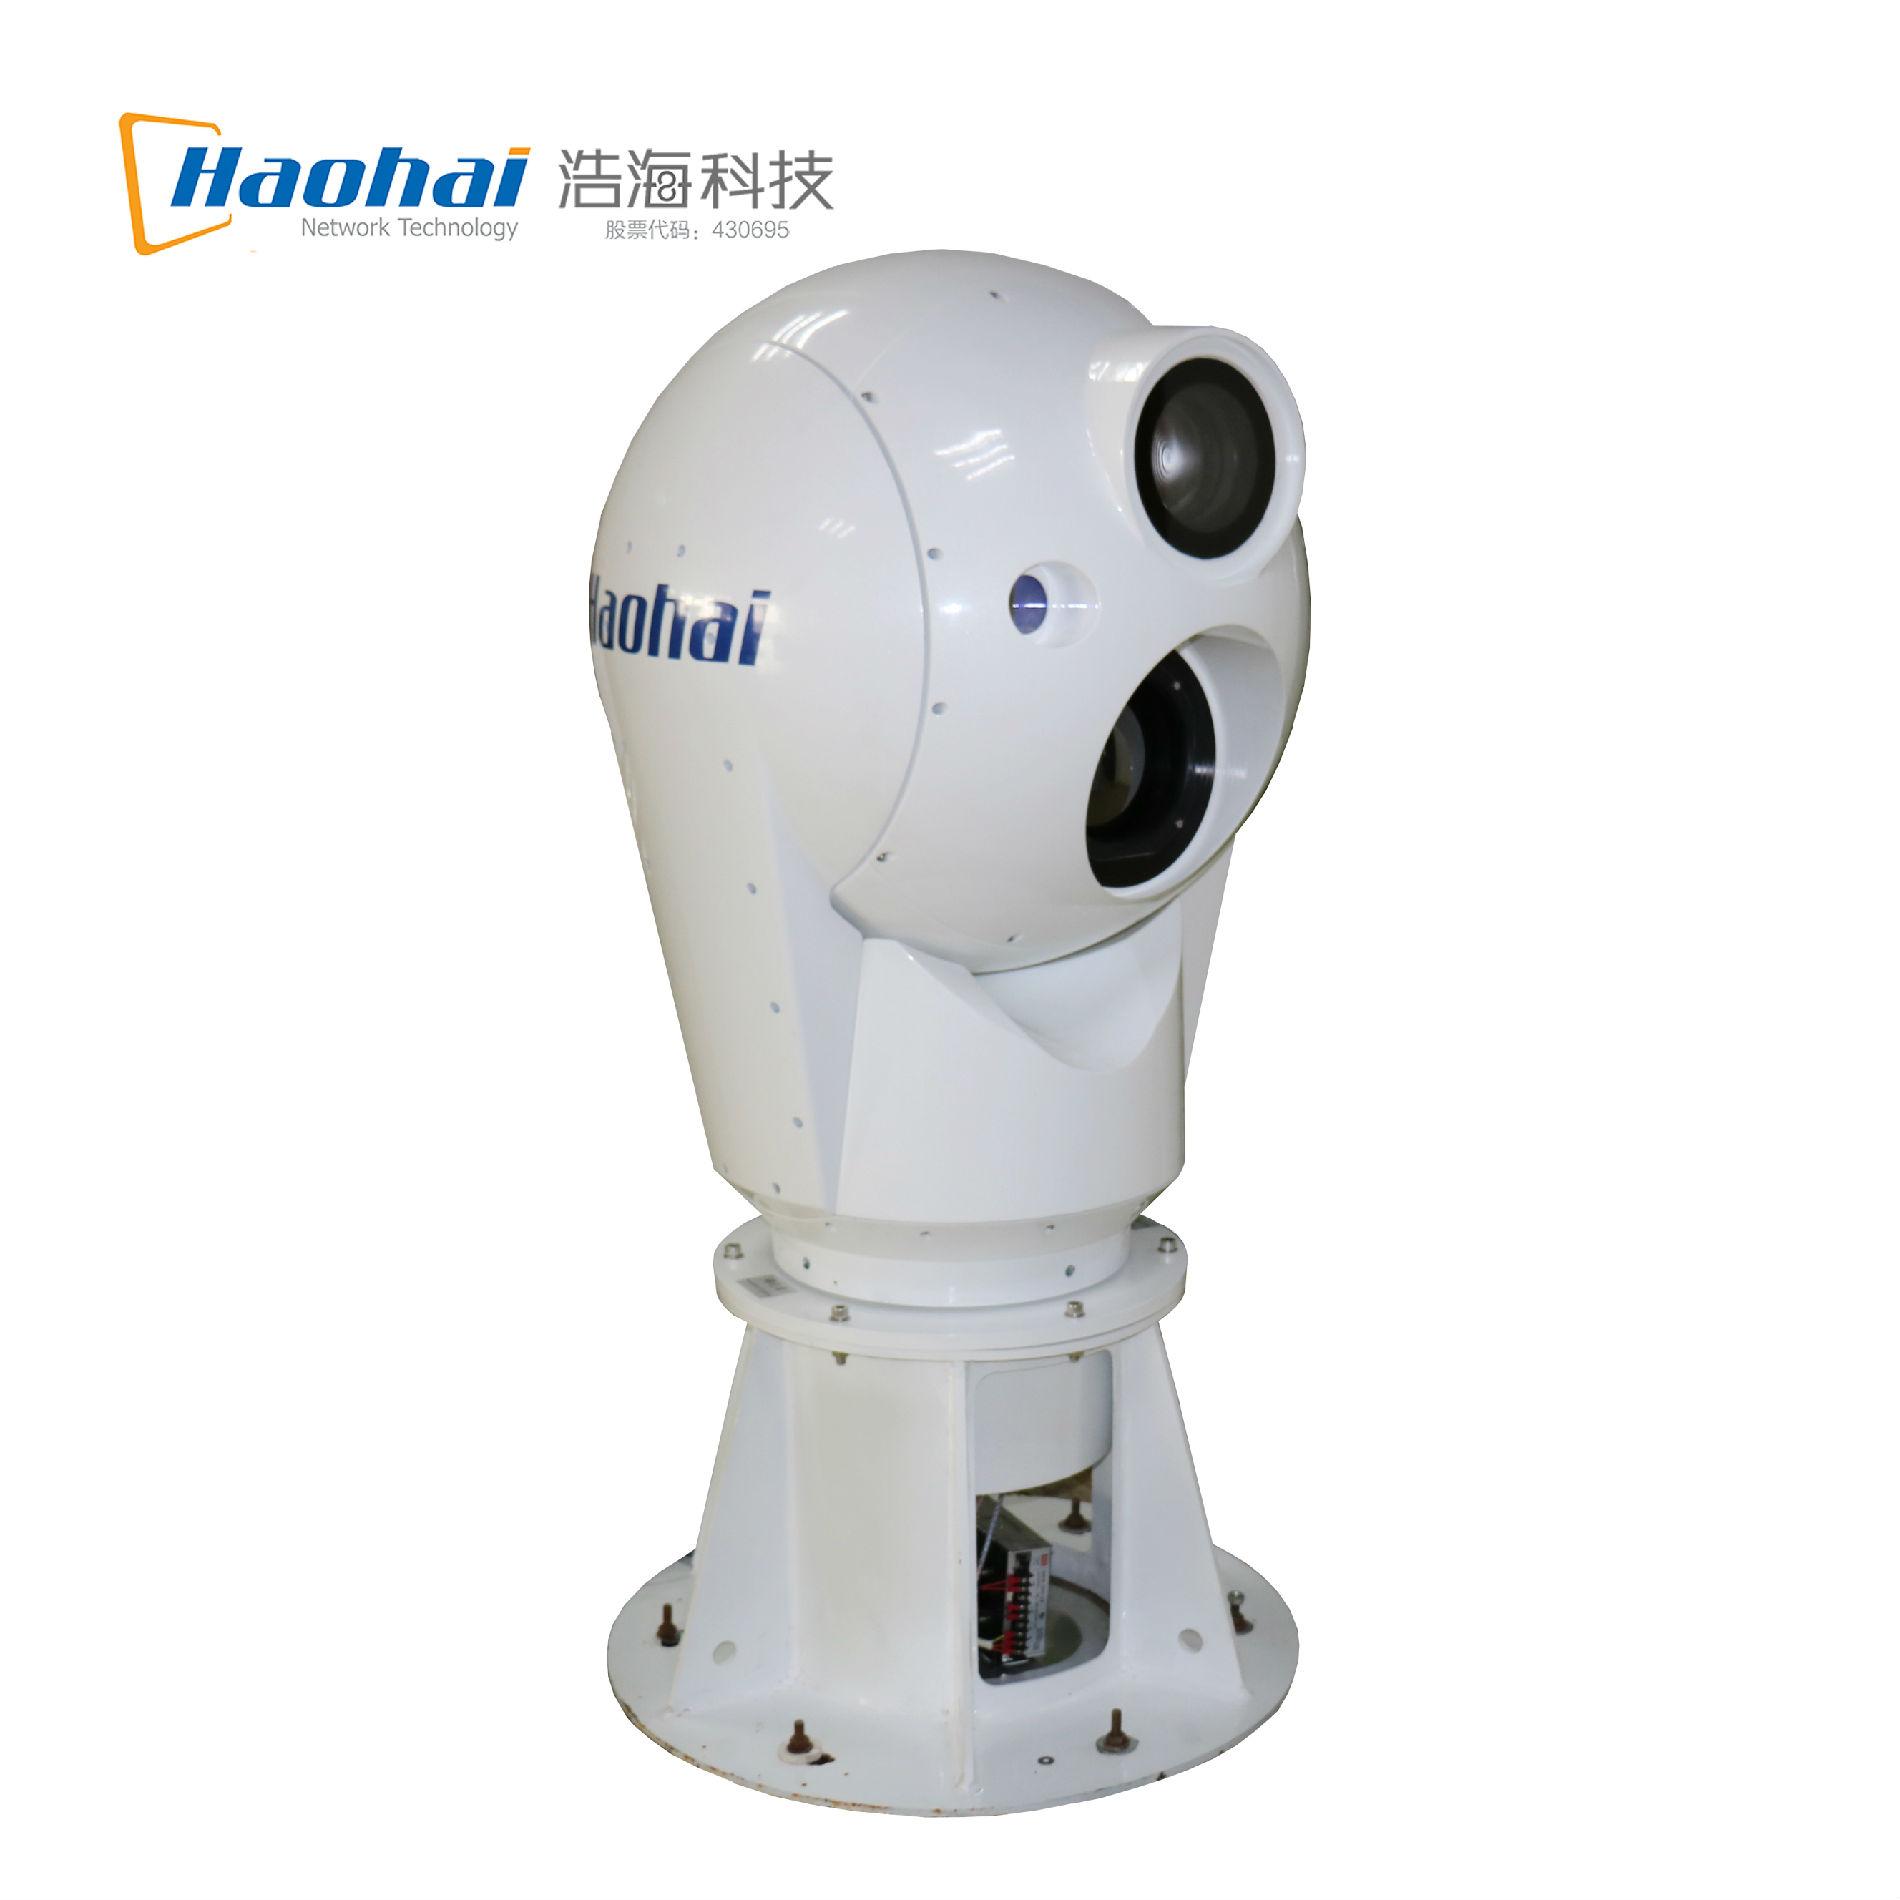 浩海林海卫士抗风型超远距摄像机